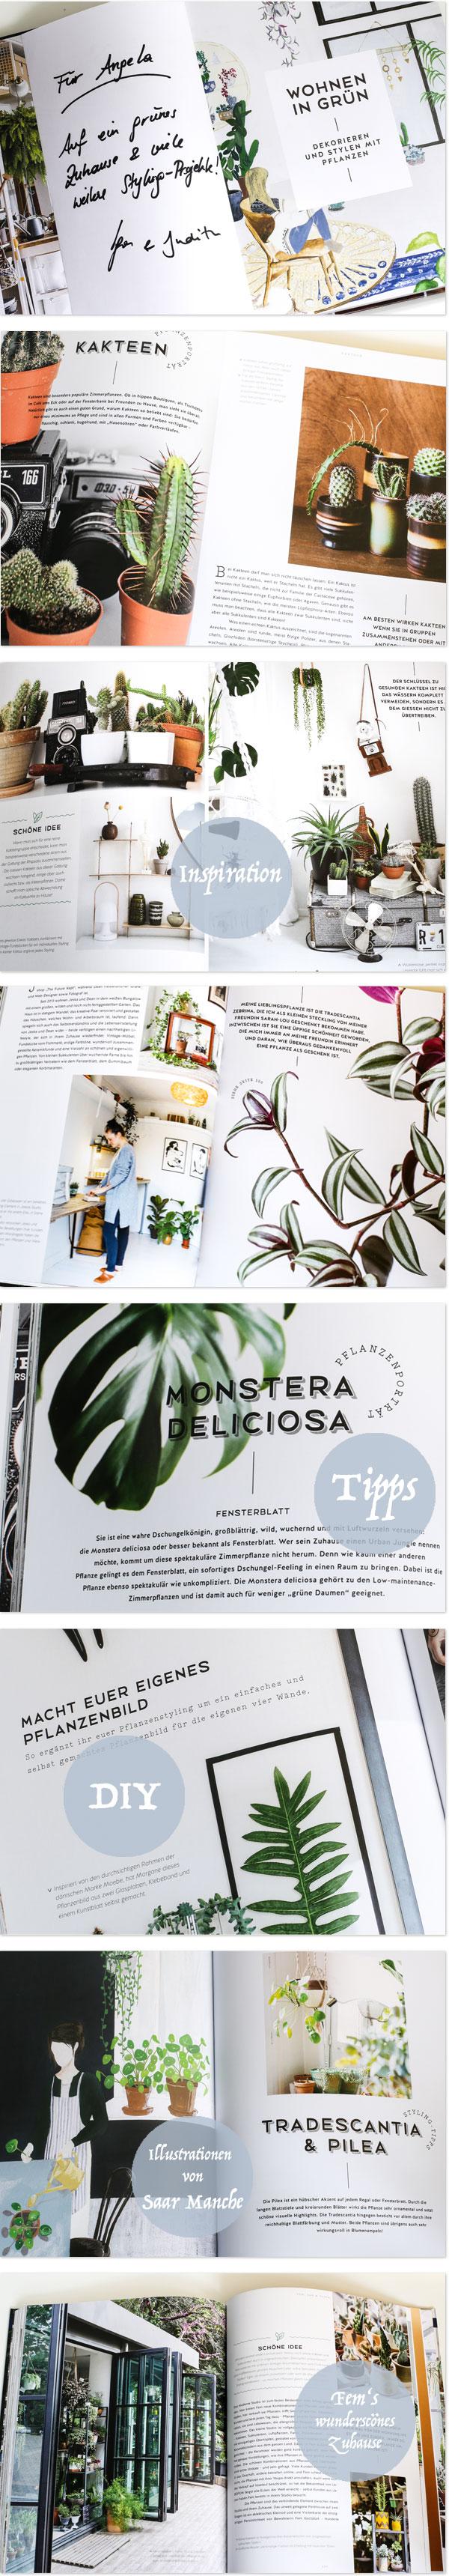 urban_jungle_book_designhaus_no9_2